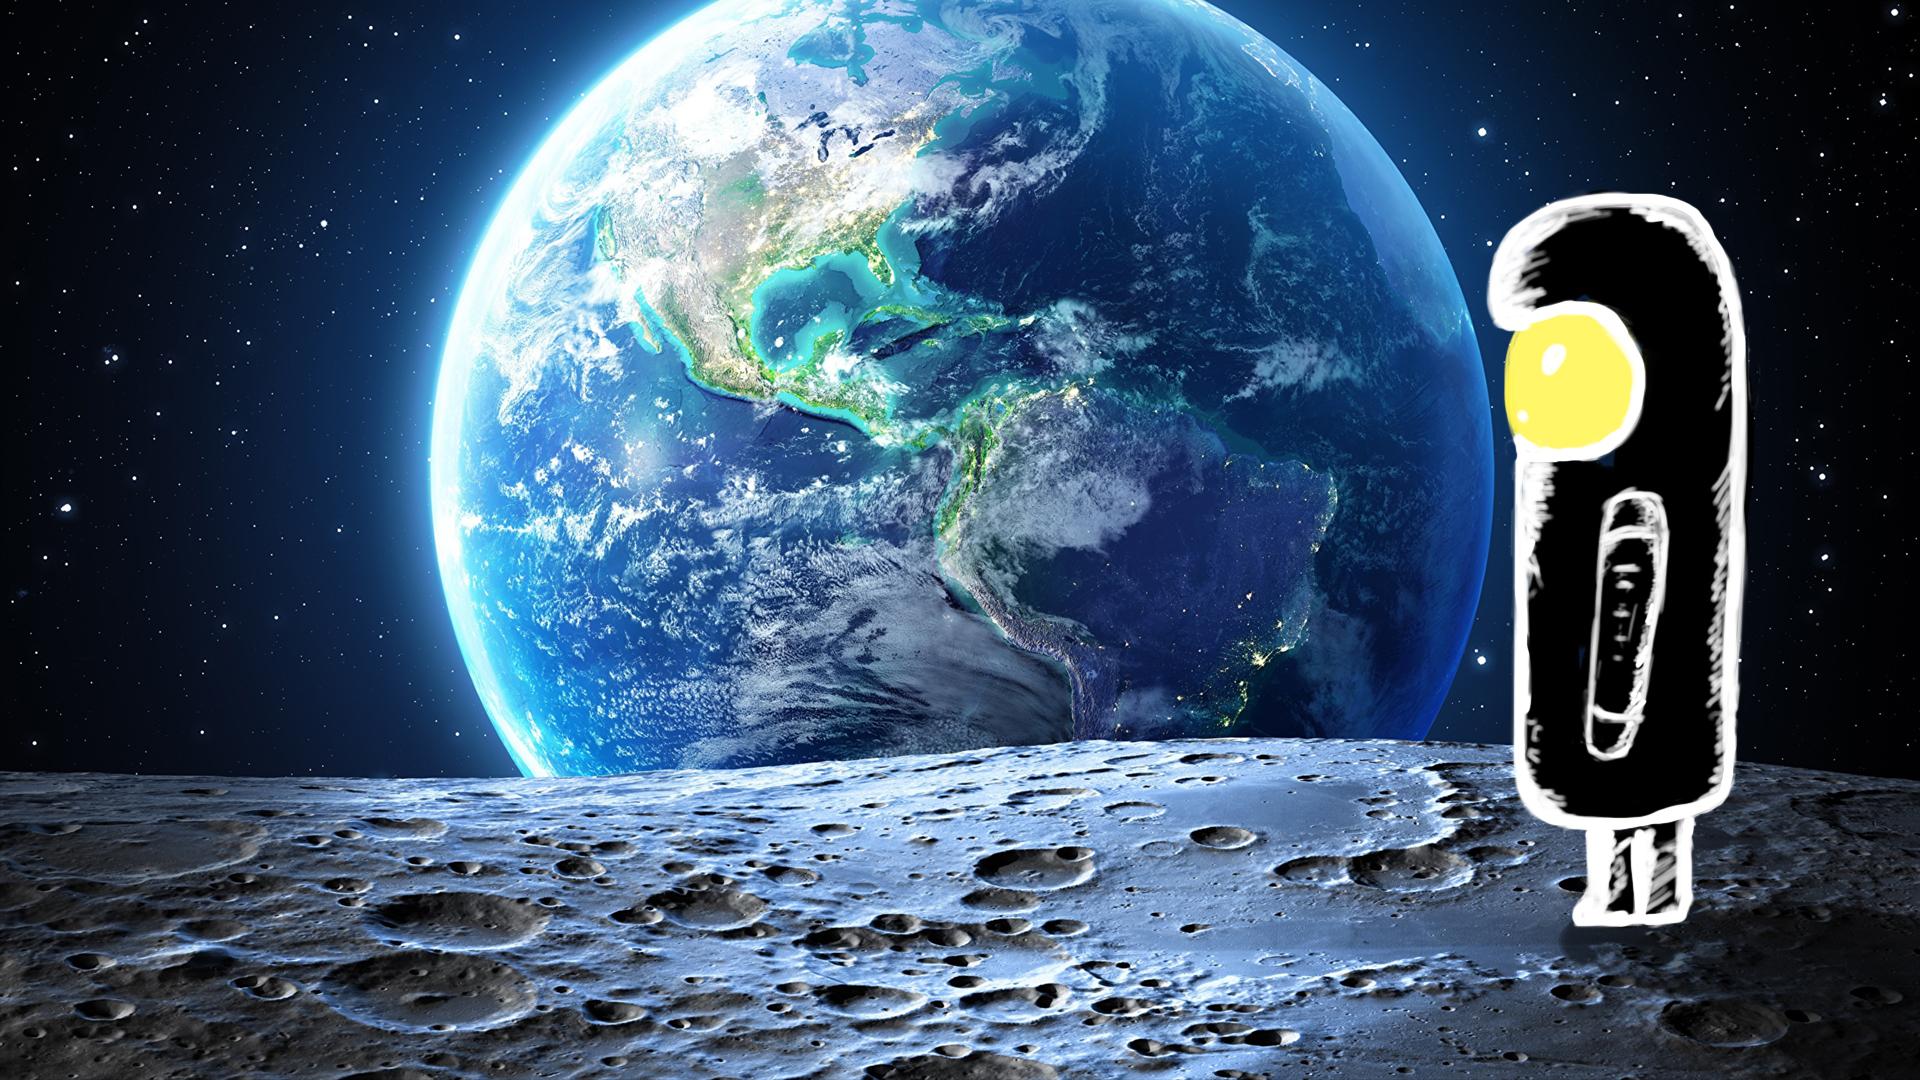 """Фото Нарисованный персонаж в """"скафандре"""" смотрит с Луны на Землю. Работа была выполнена в Photoshop. Земля была взята отдельно и  поверхность луны тоже.  Немного цвет-кора и фон готов. Потом дорисовал этого """"космонавта"""" и поставил на поверхность с добавлением тени. Было всё сделано примерно за 1 час."""